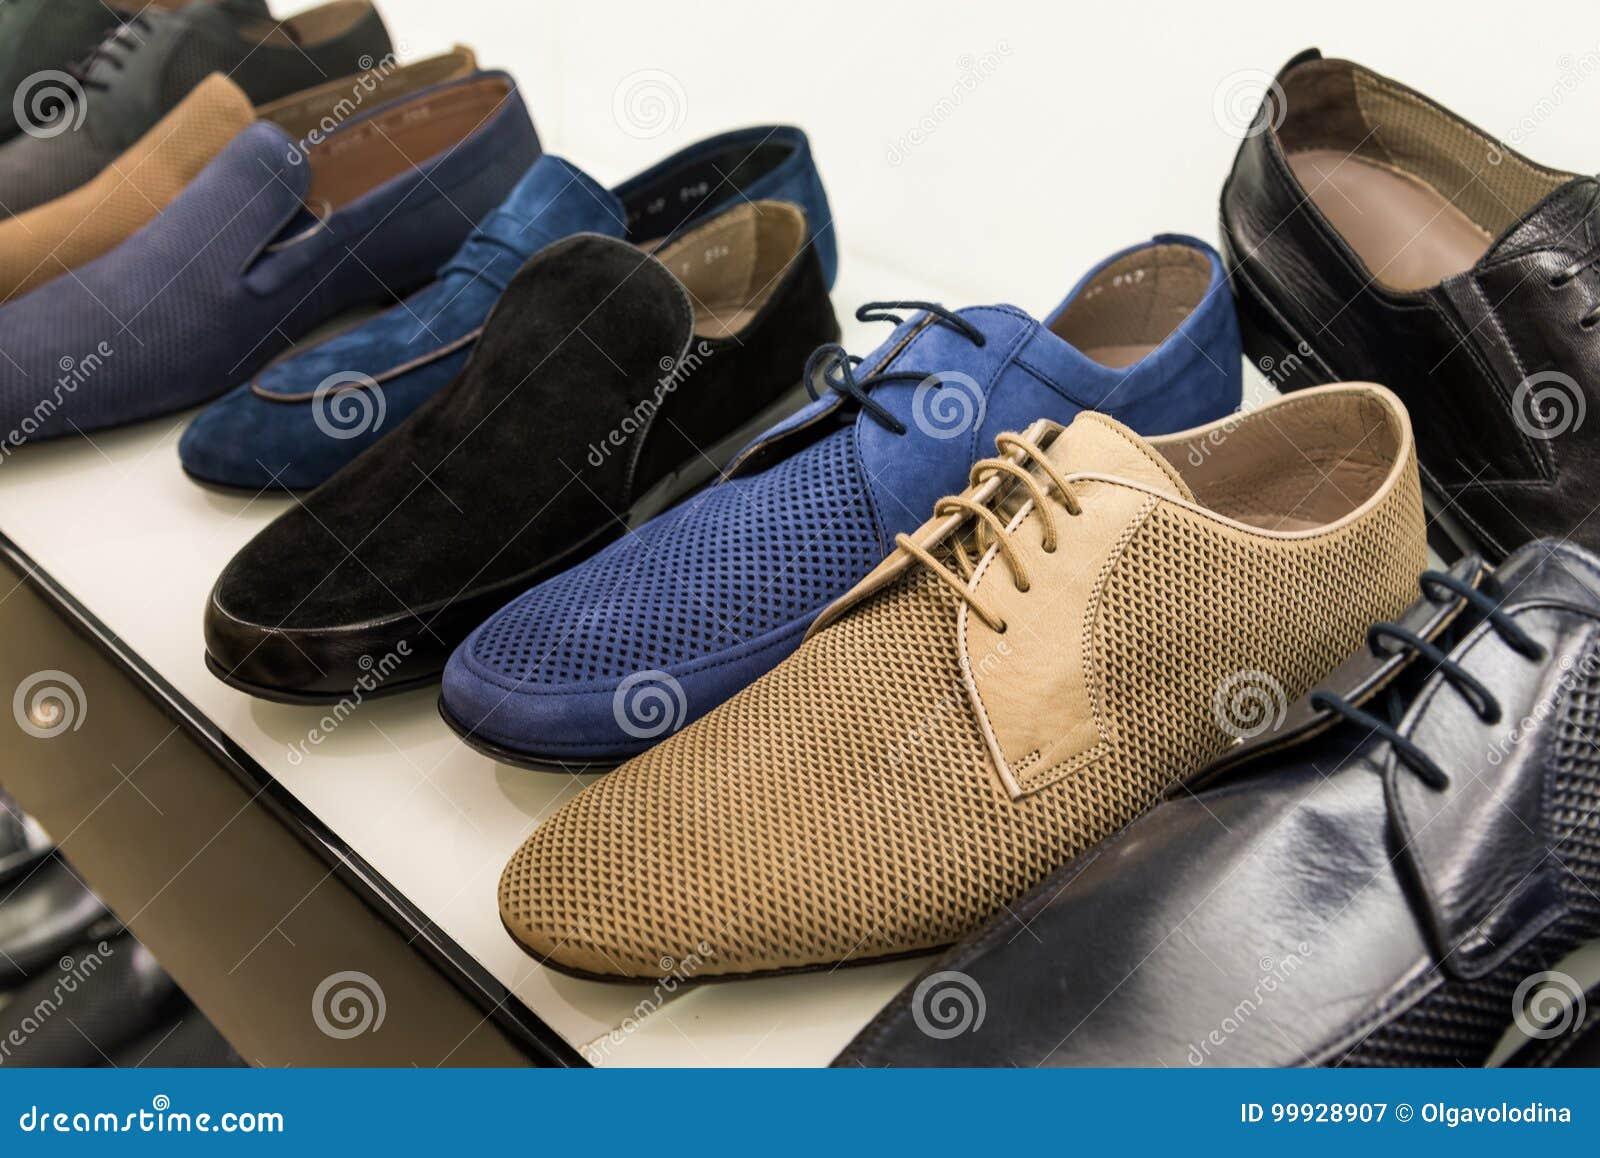 3299b5e01 Zapatos De Cuero Para Hombre Del Verano En Tienda Imagen de archivo ...